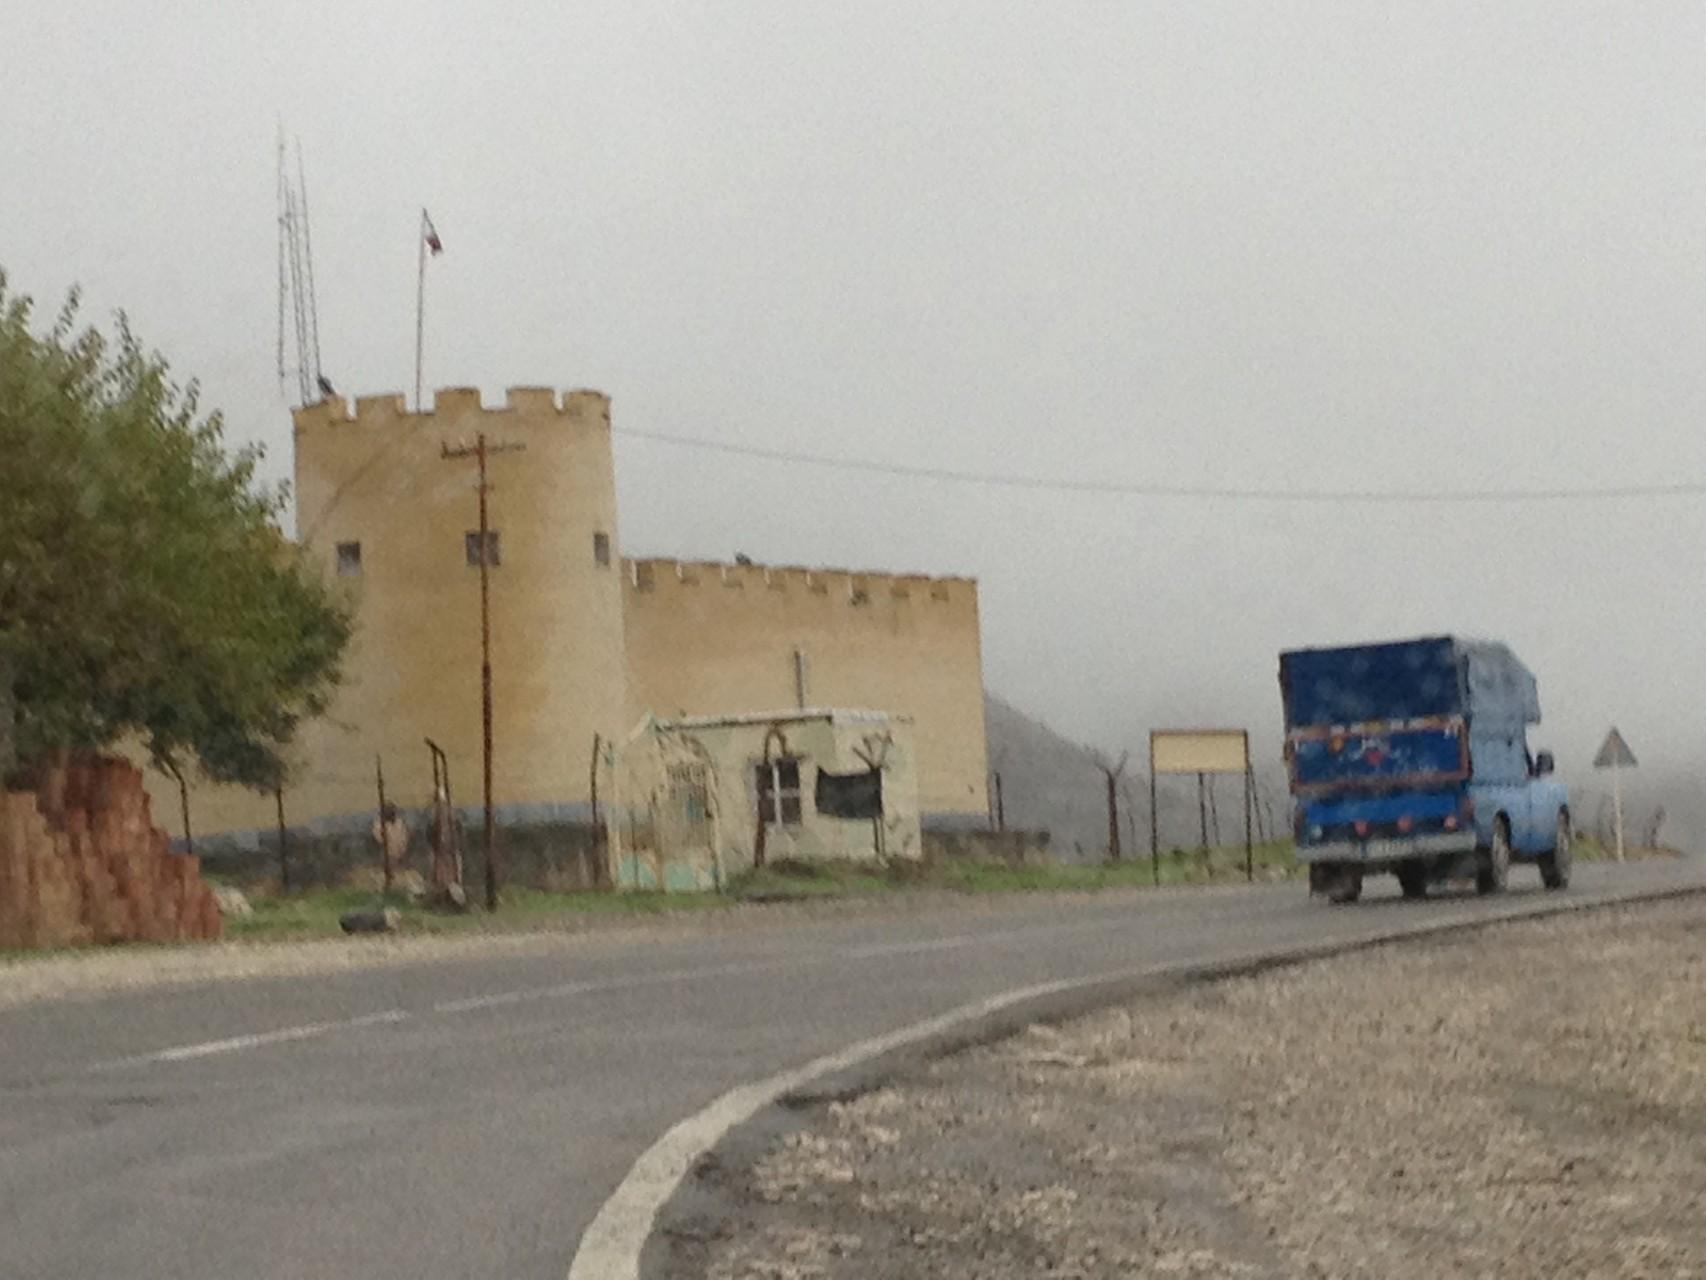 Militärfestung an der Grenze zu Asarbeitschan